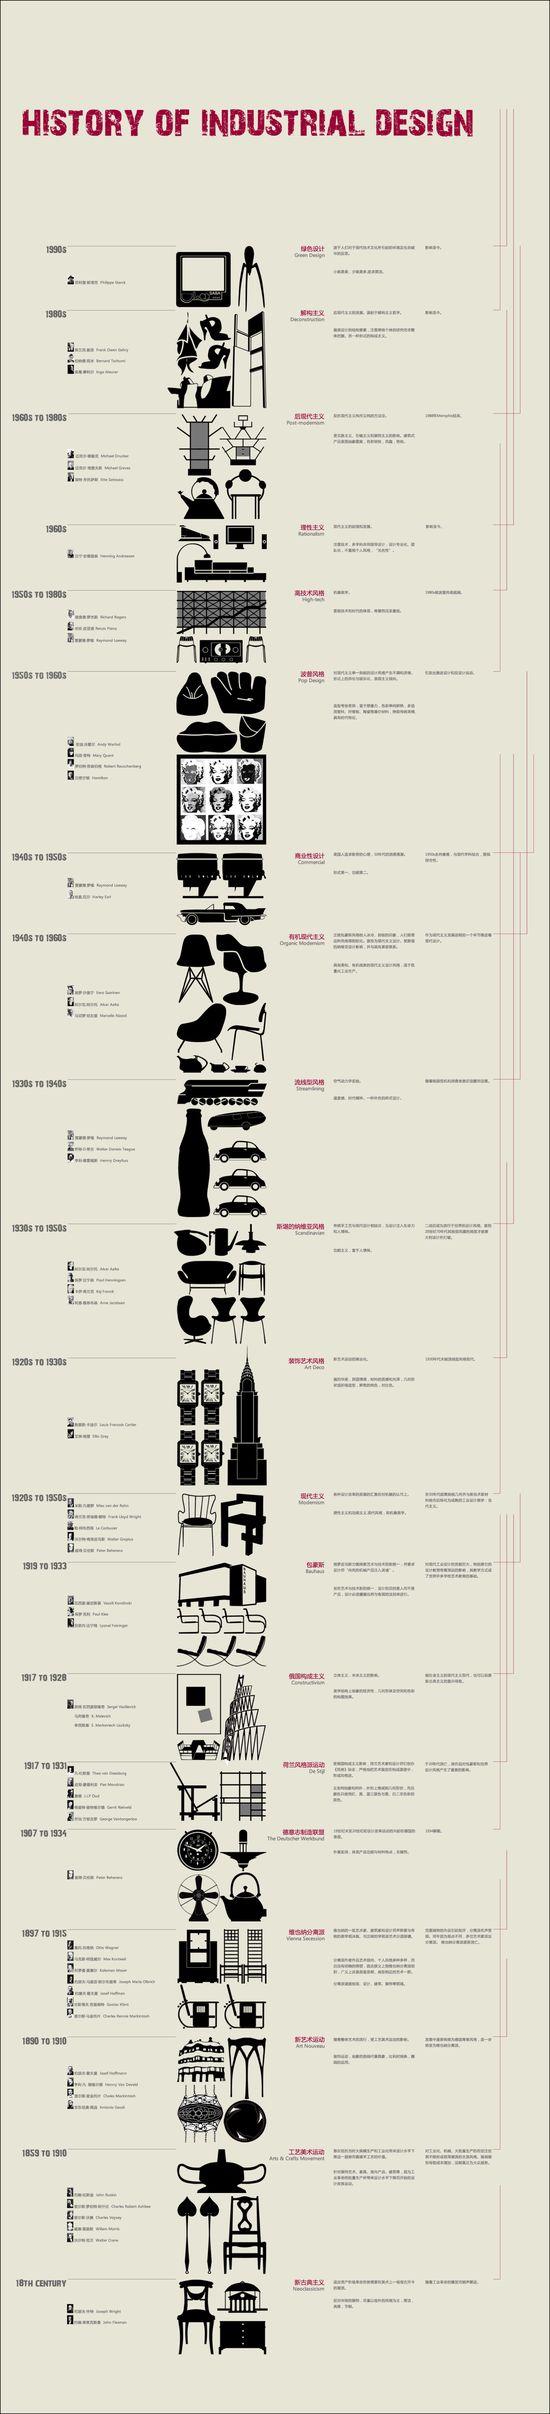 Historia del diseño industrial. History of industrial design